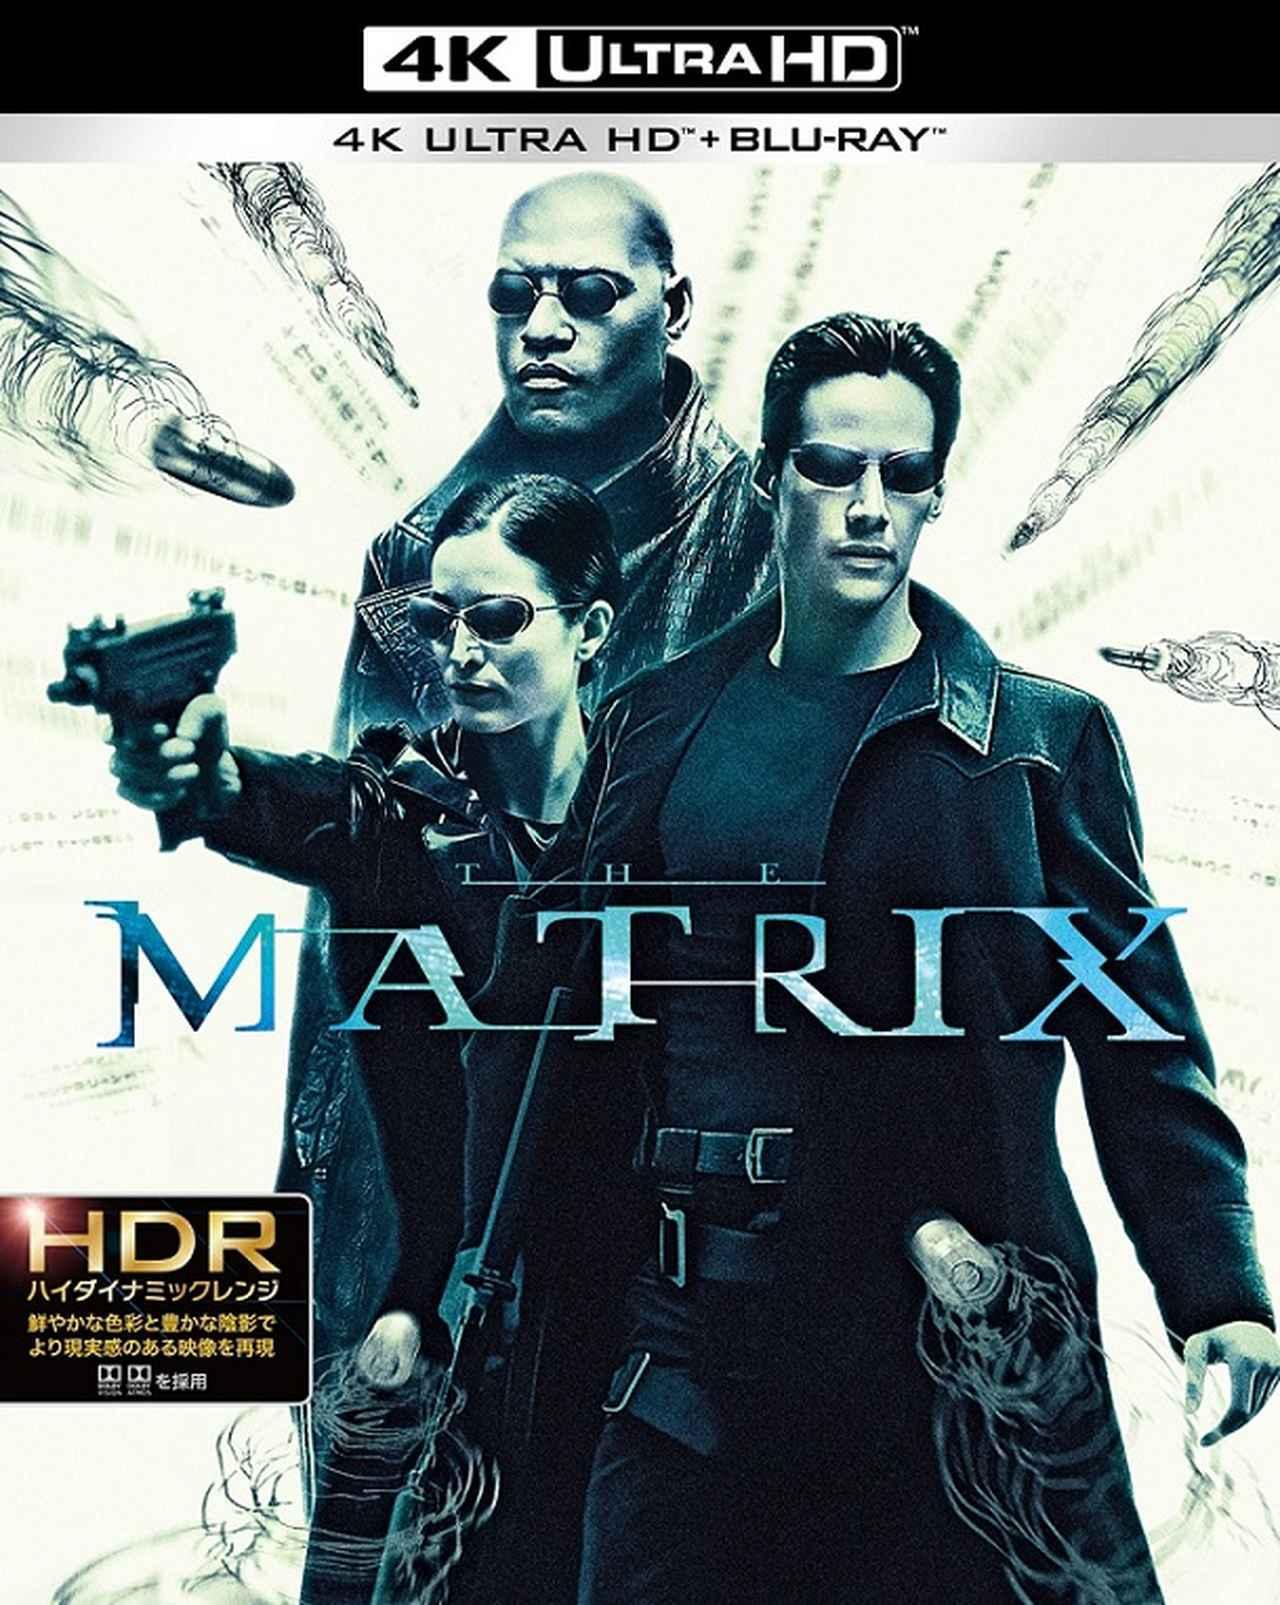 画像1: ◆発売日:2019年9月11日(水) ◆価格:¥6,345+税 (C)1999 Village Roadshow Films (BVI) Limited.(C) 1999 Warner Bros. Entertainment Inc. All Rights Reserved.